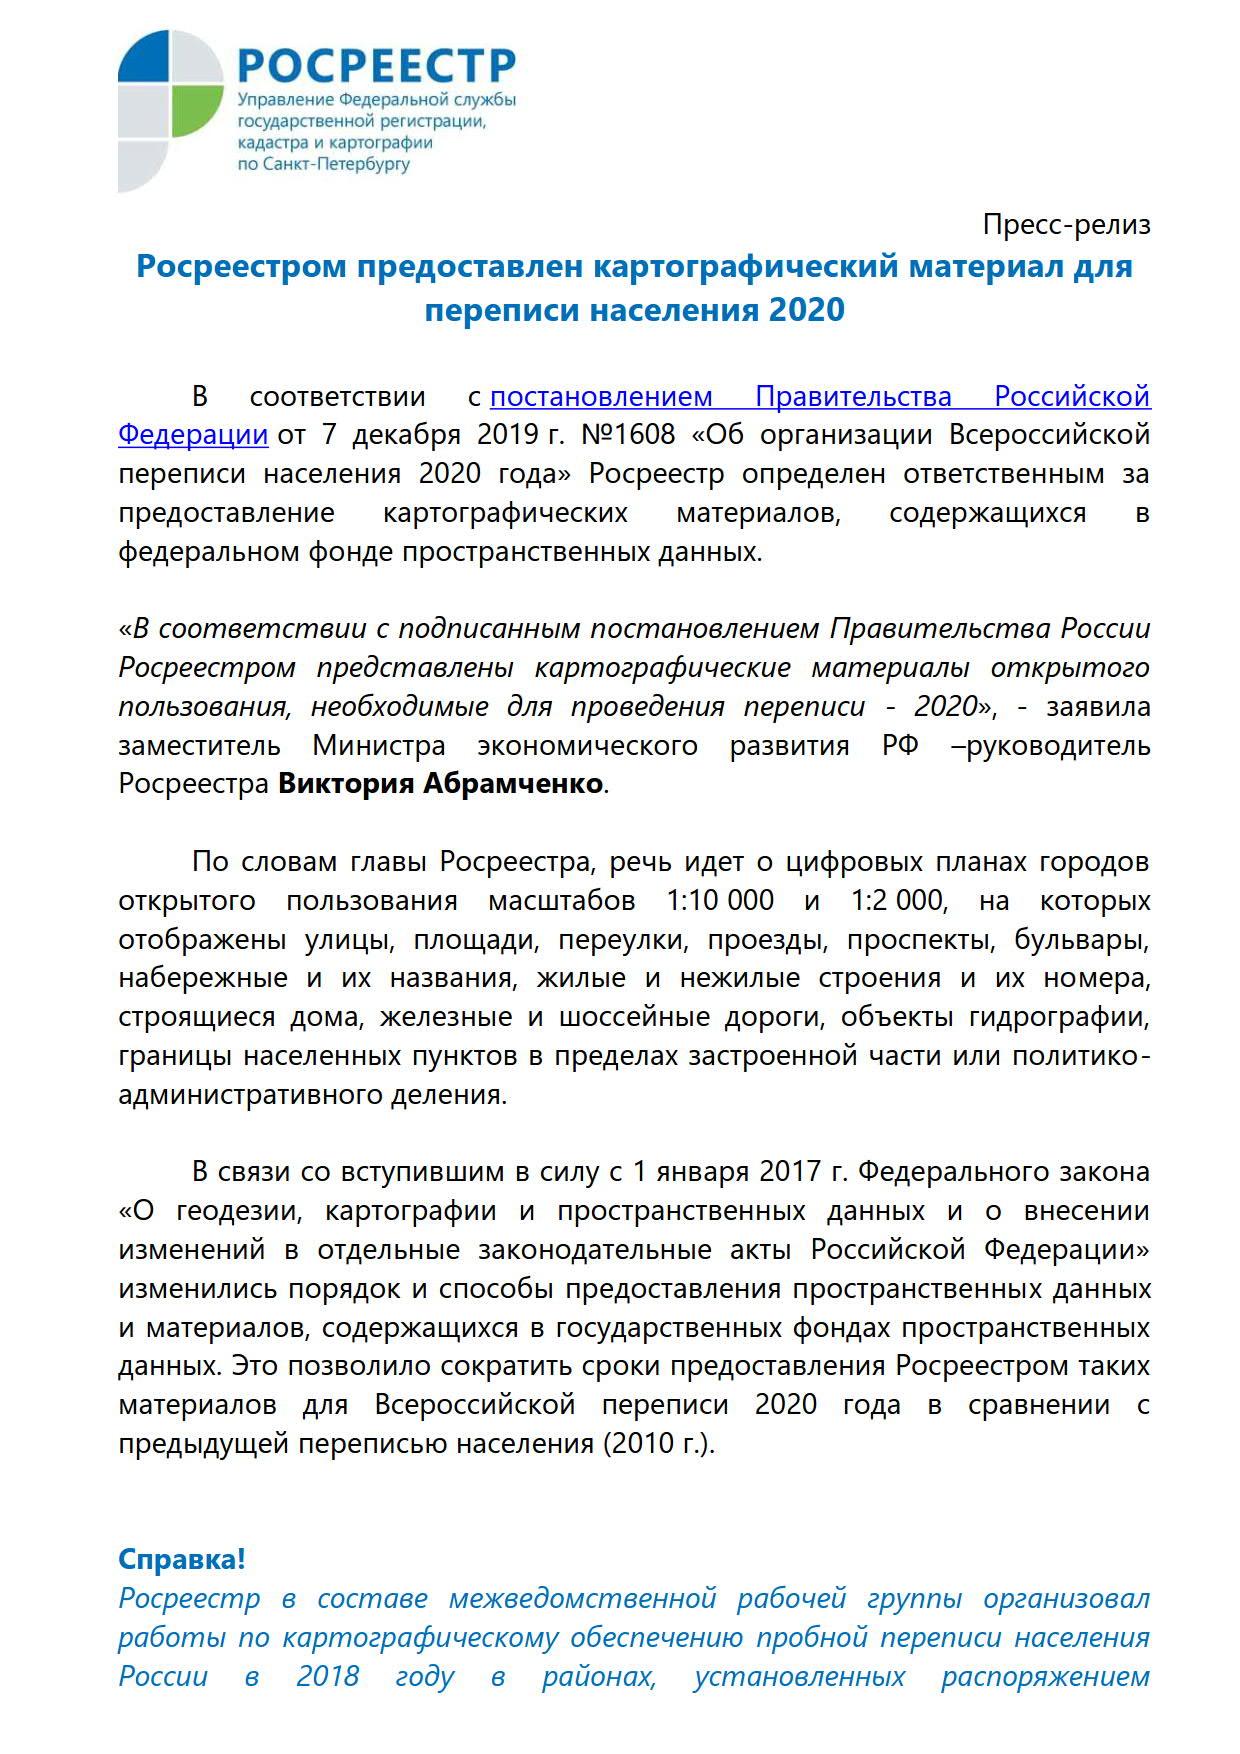 Росреестром предоставлен картографический материал для переписи населения 2020_1